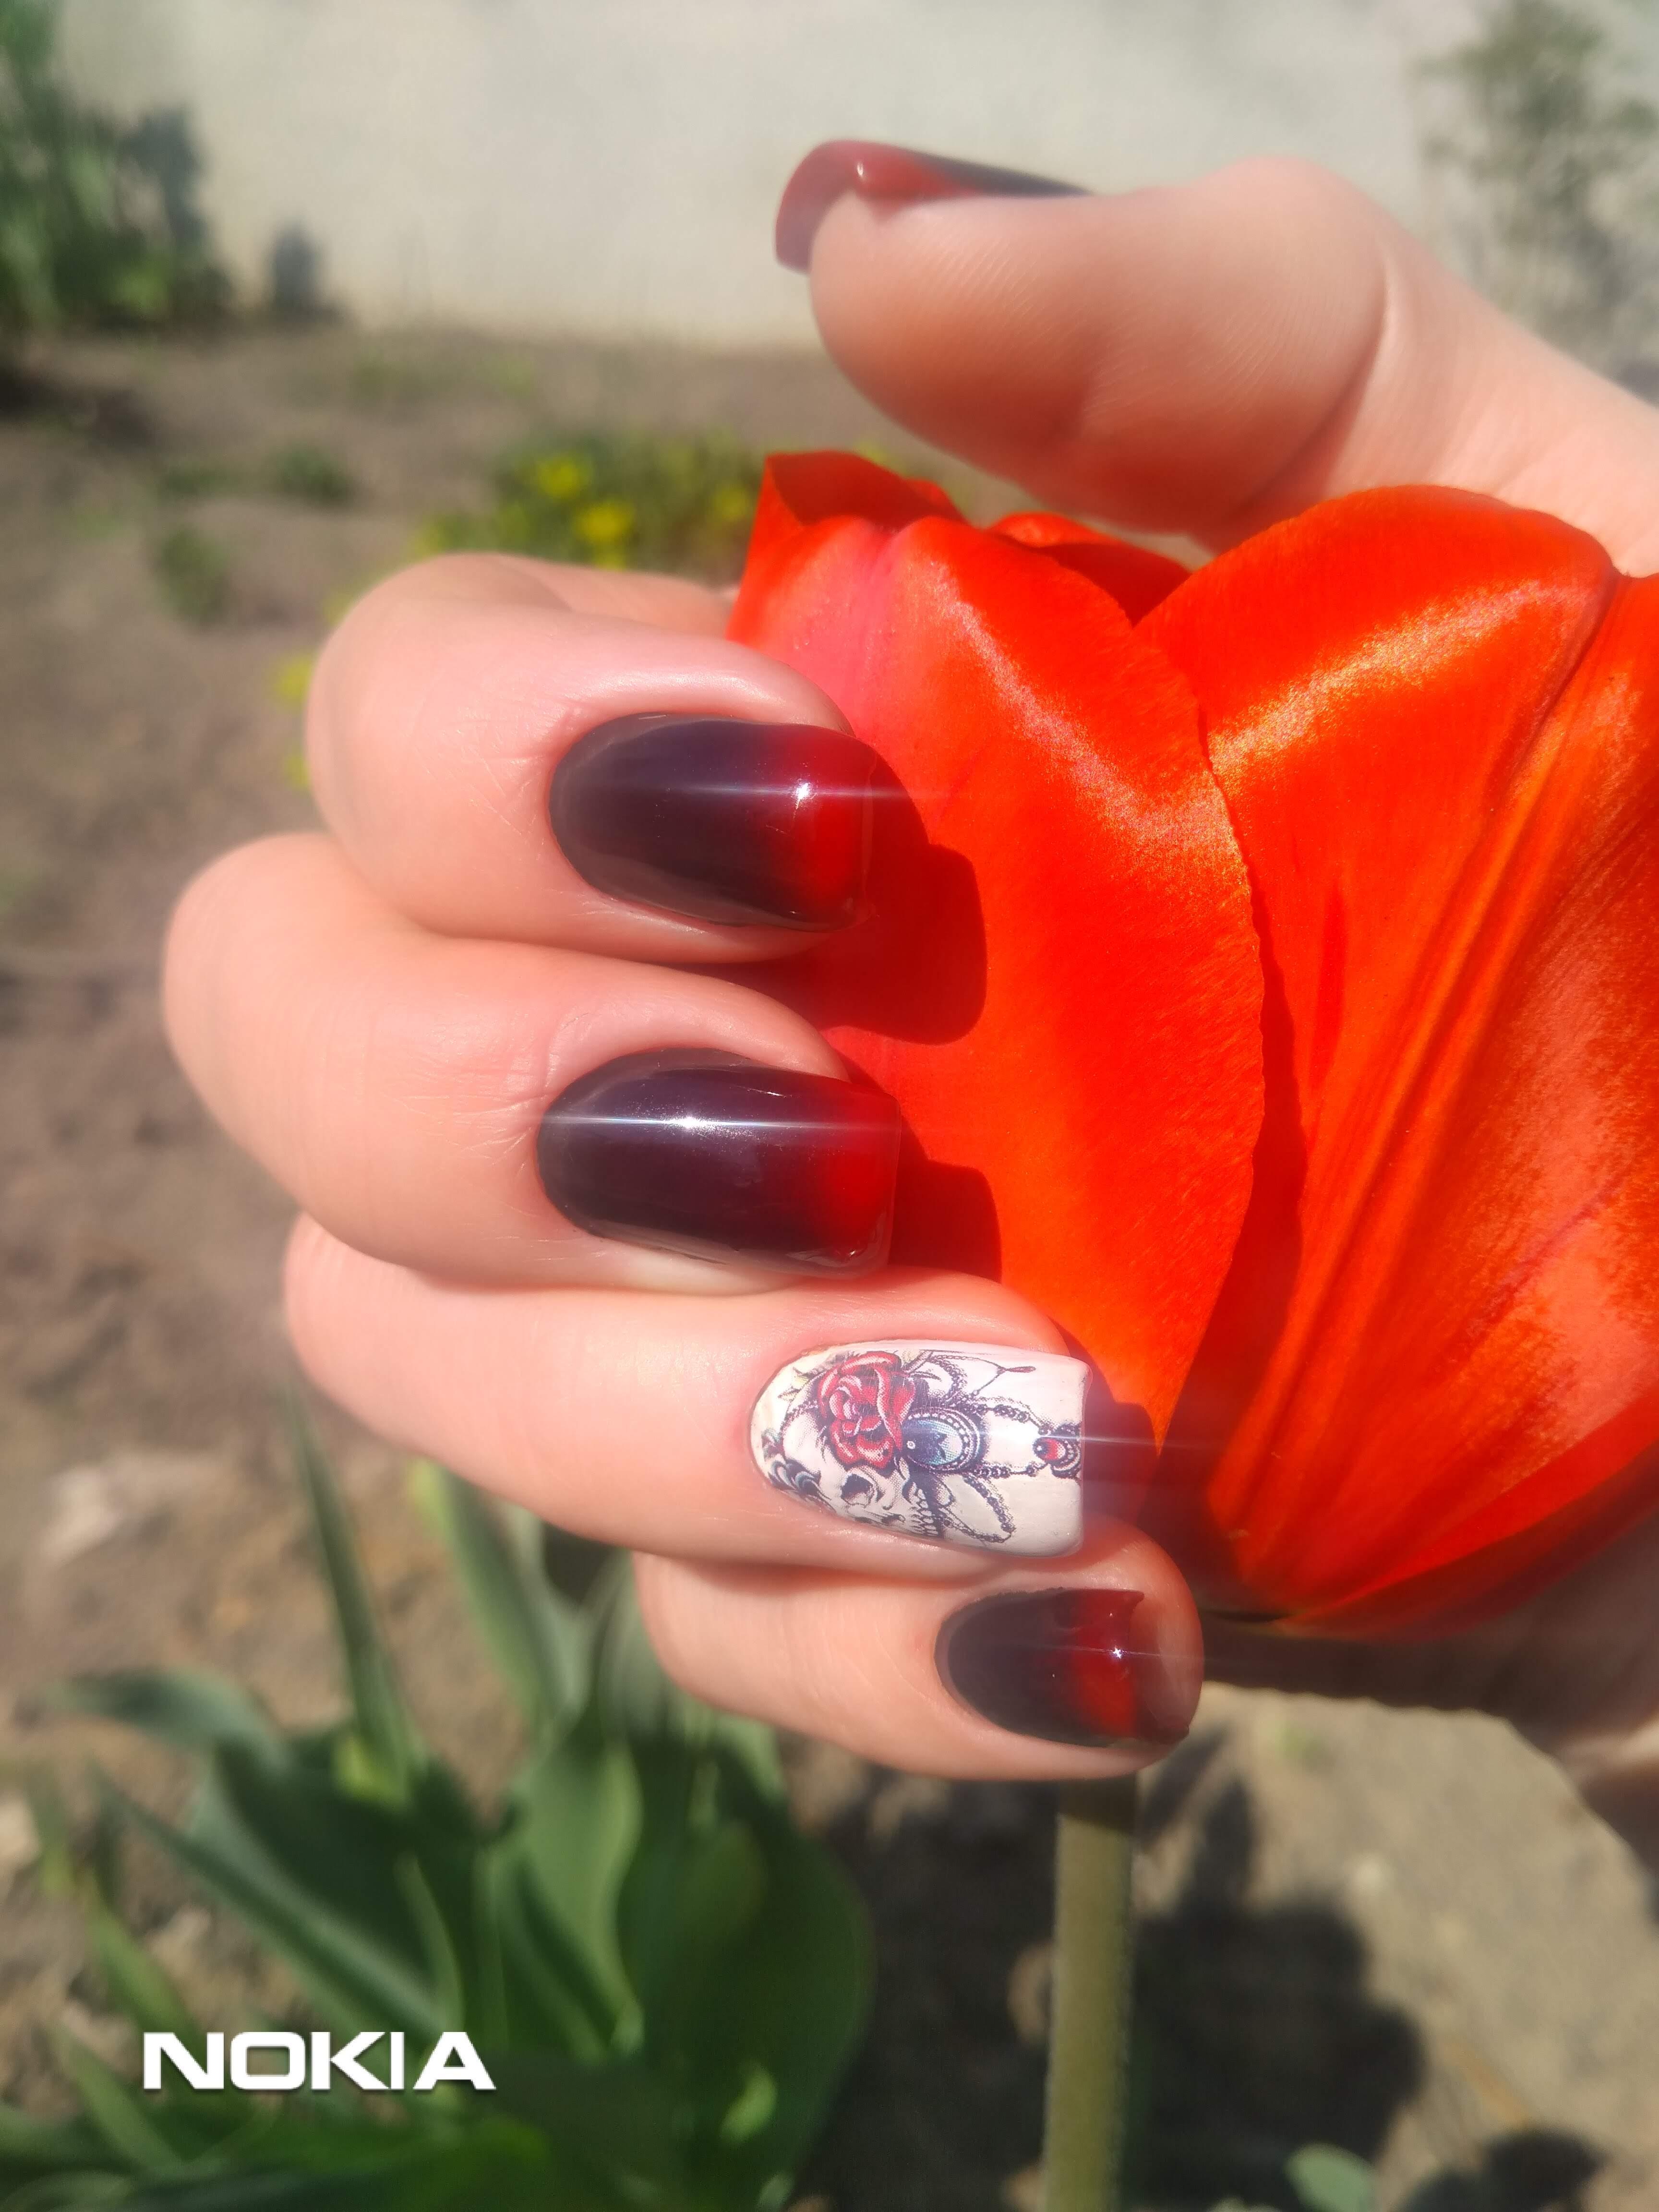 Маникюр в бордовом цвете с красным градиентом и цветочным слайдером.